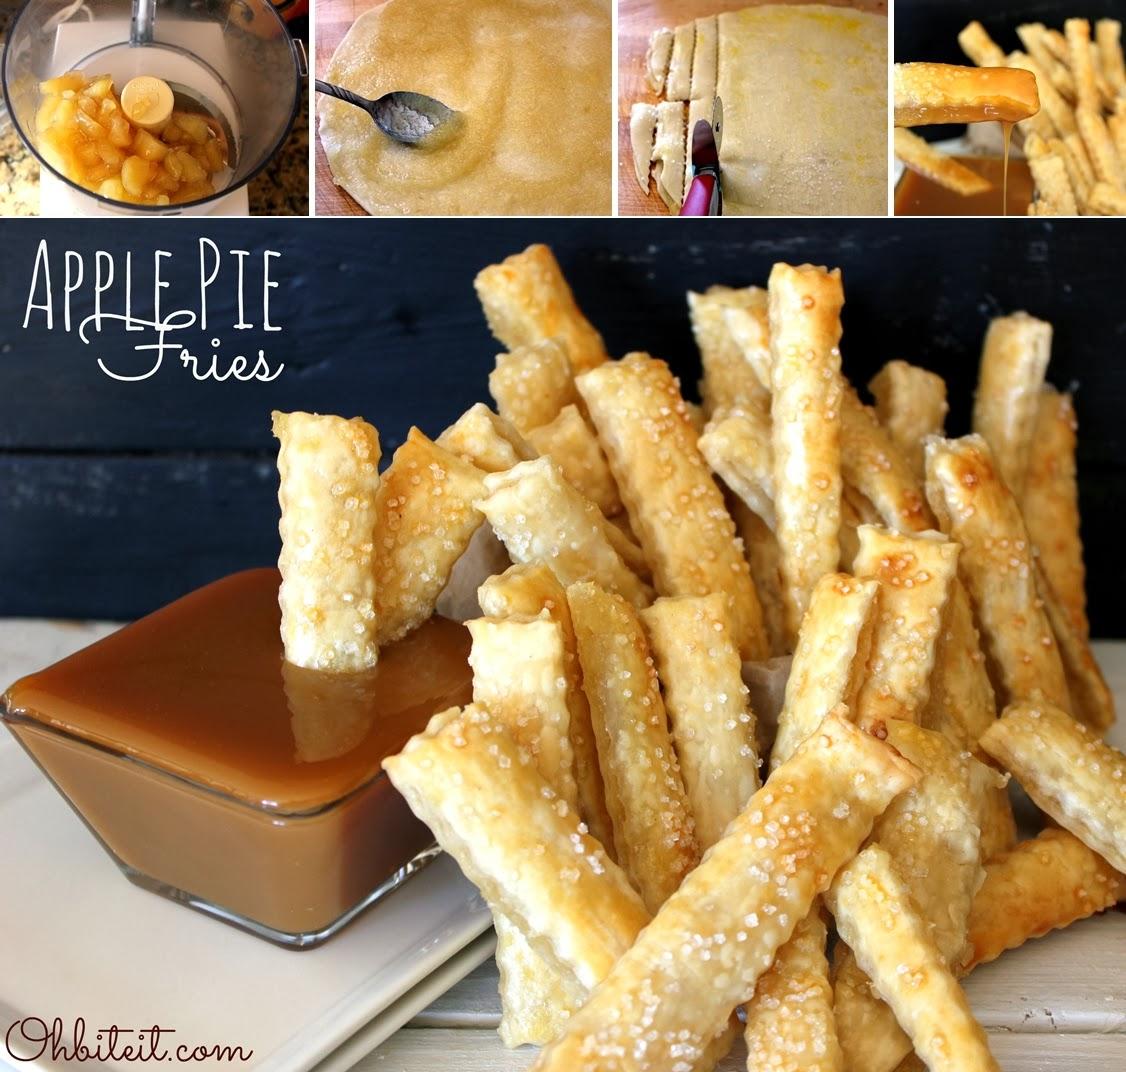 Apple Pie Filling